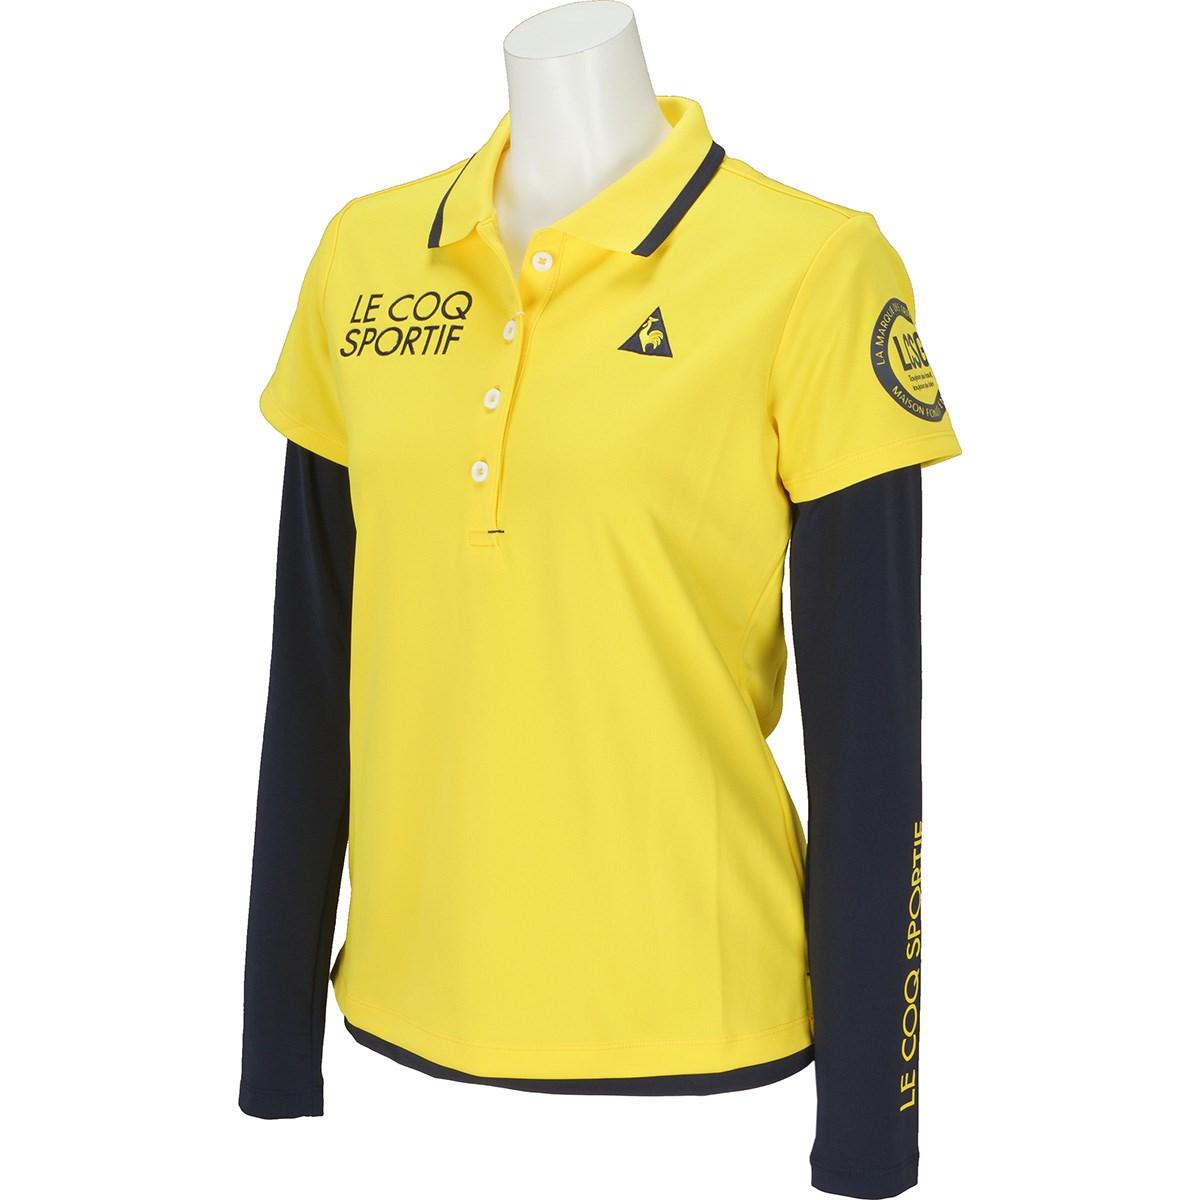 ルコックゴルフ Le coq sportif GOLF ストレッチ 長袖インナーシャツレイヤードセット 半袖ポロシャツ M イエロー 00 レディス